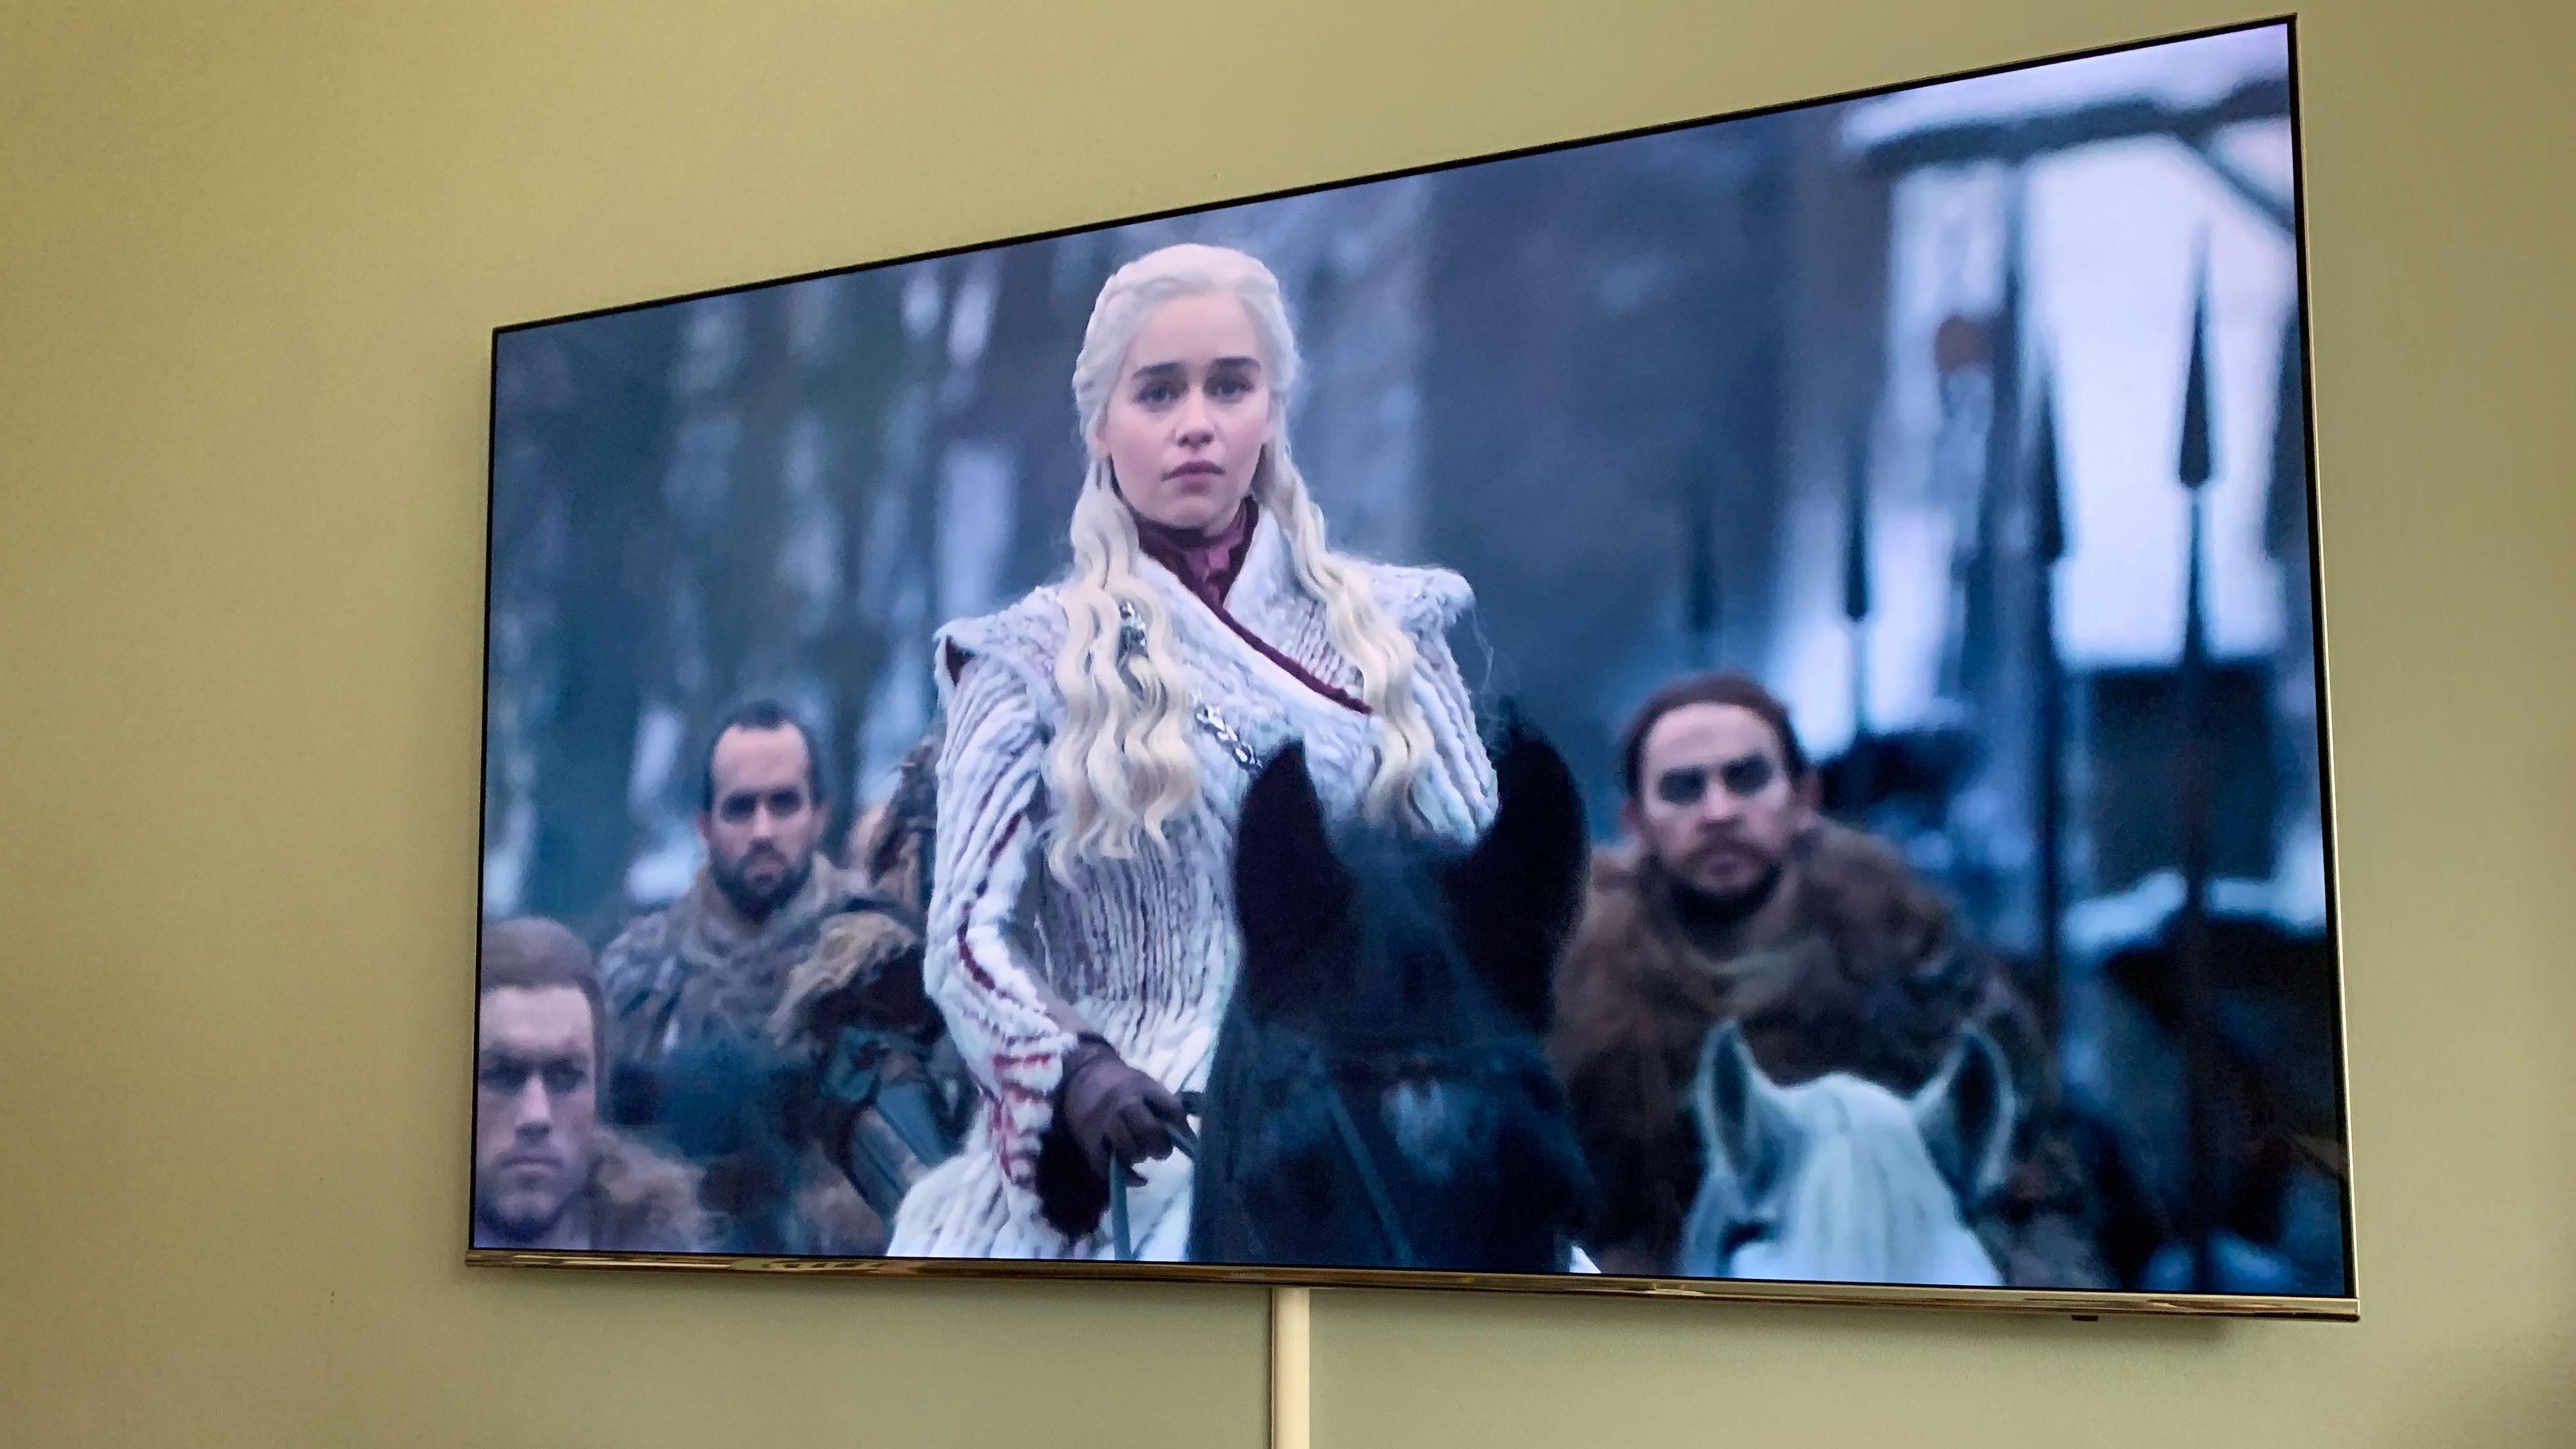 Strømmekvaliteten til HBO er en skam